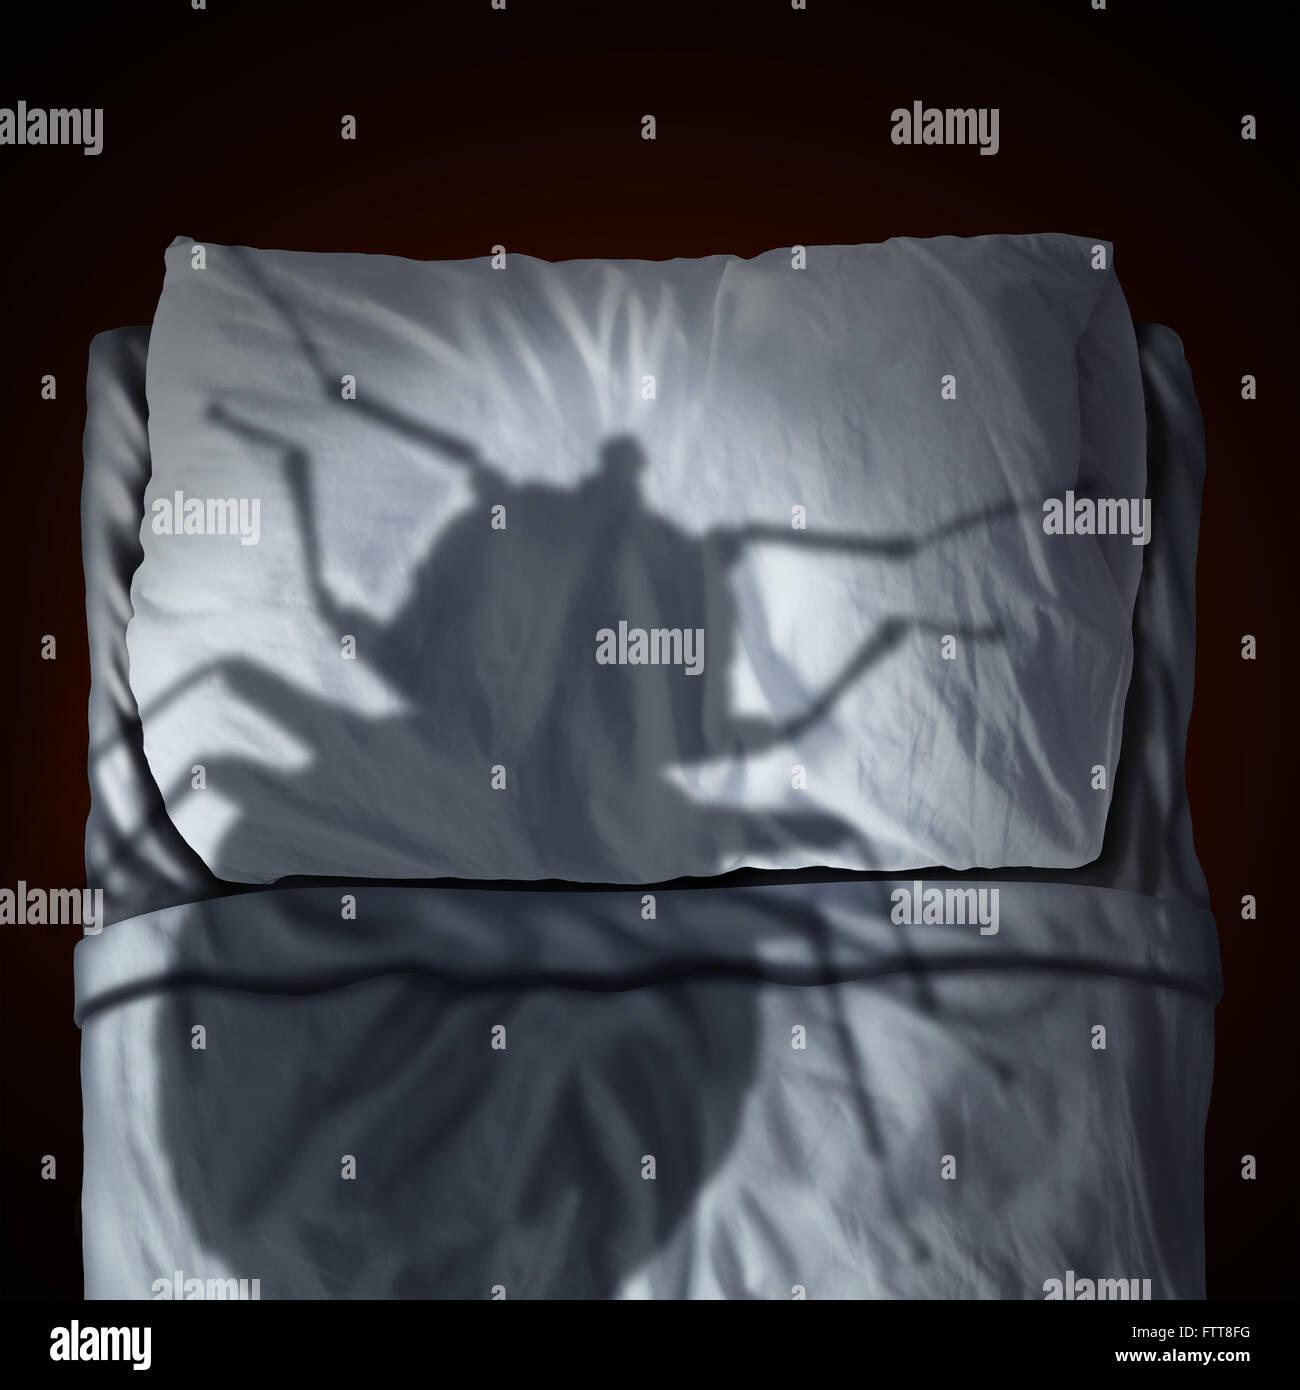 La peur de punaises de lit punaises ou comme un concept retrouvez cast shadow of a un insecte parasitaire reposant Photo Stock